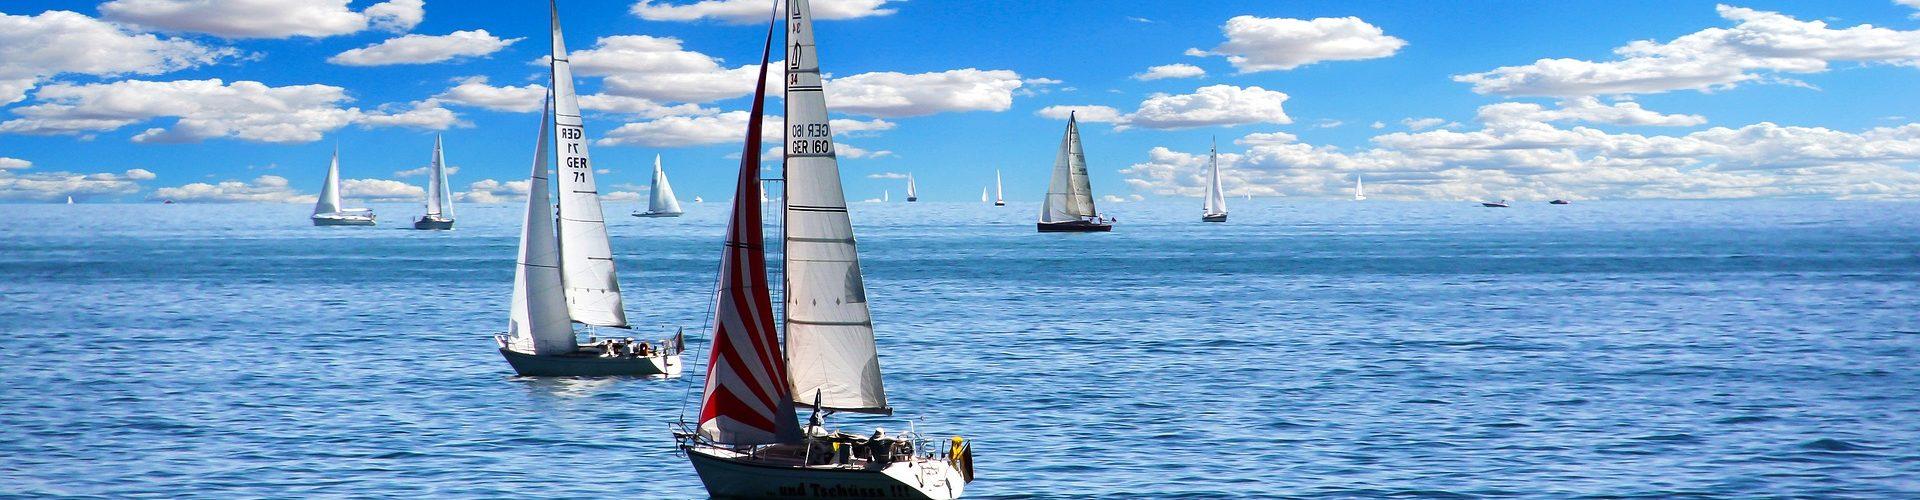 segeln lernen in Mering segelschein machen in Mering 1920x500 - Segeln lernen in Mering